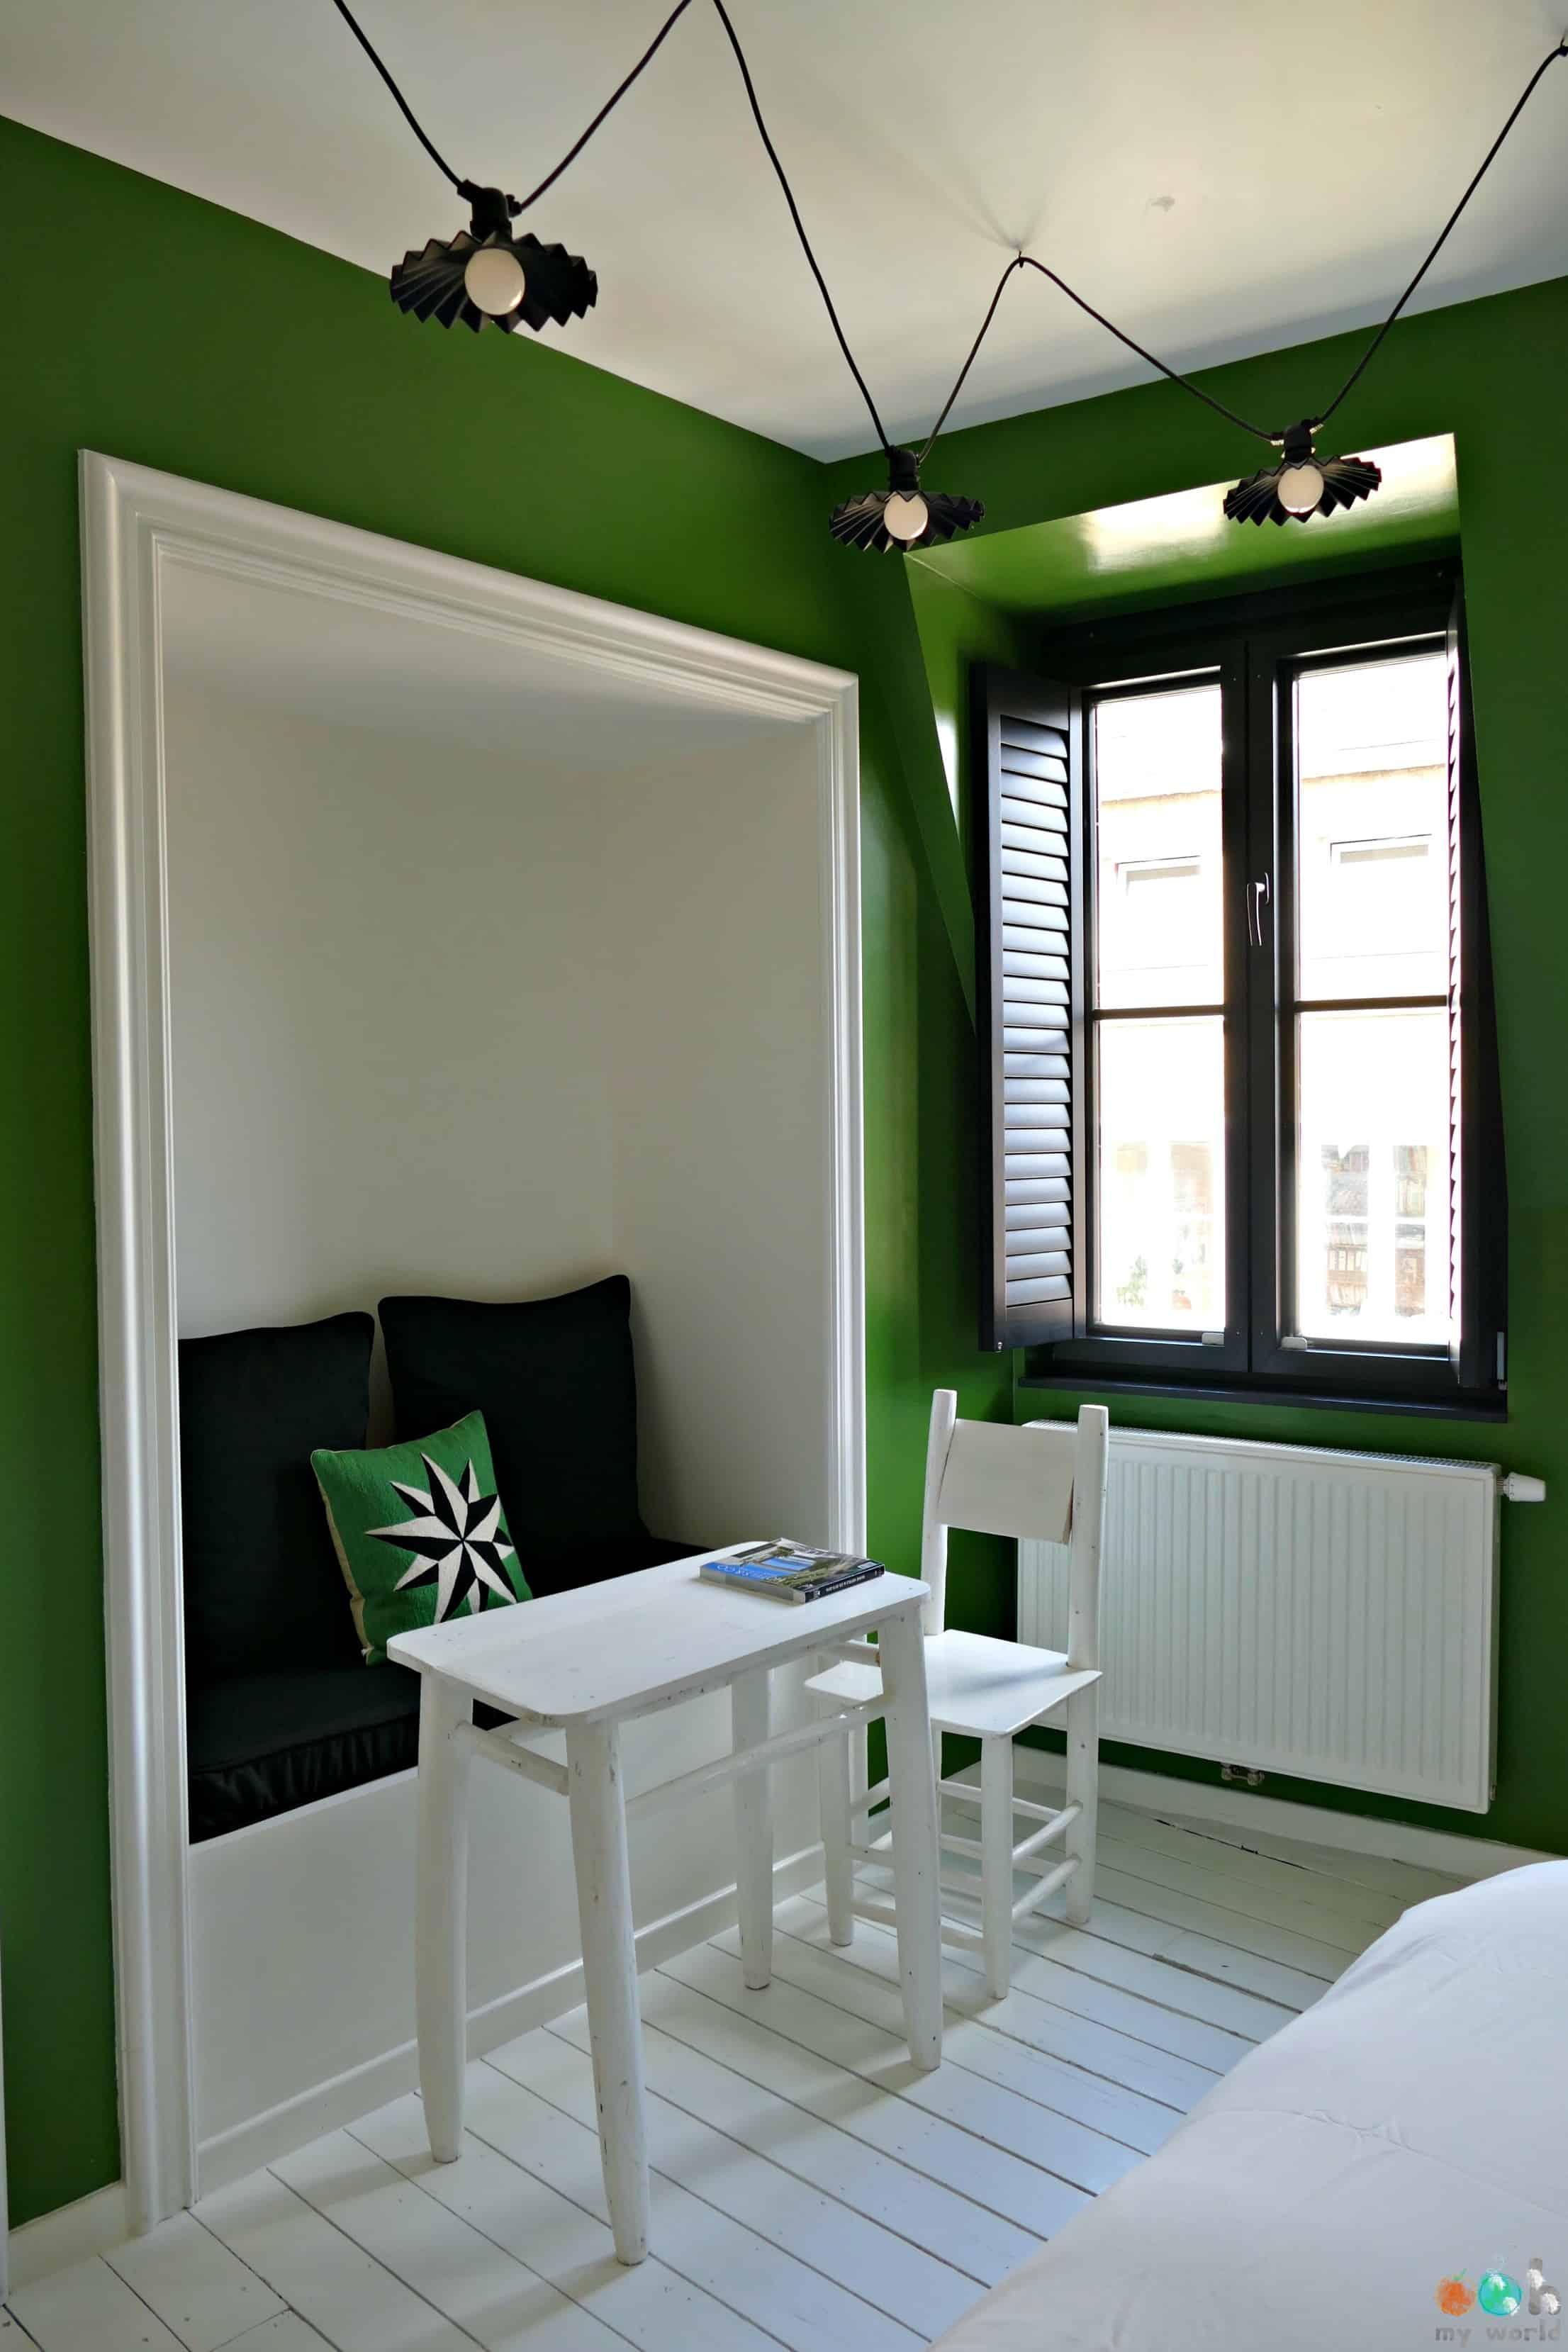 Coin lecture de la chambre végétale du Bed and Breakfast la Maison Haute dans les Marolles de Bruxelles